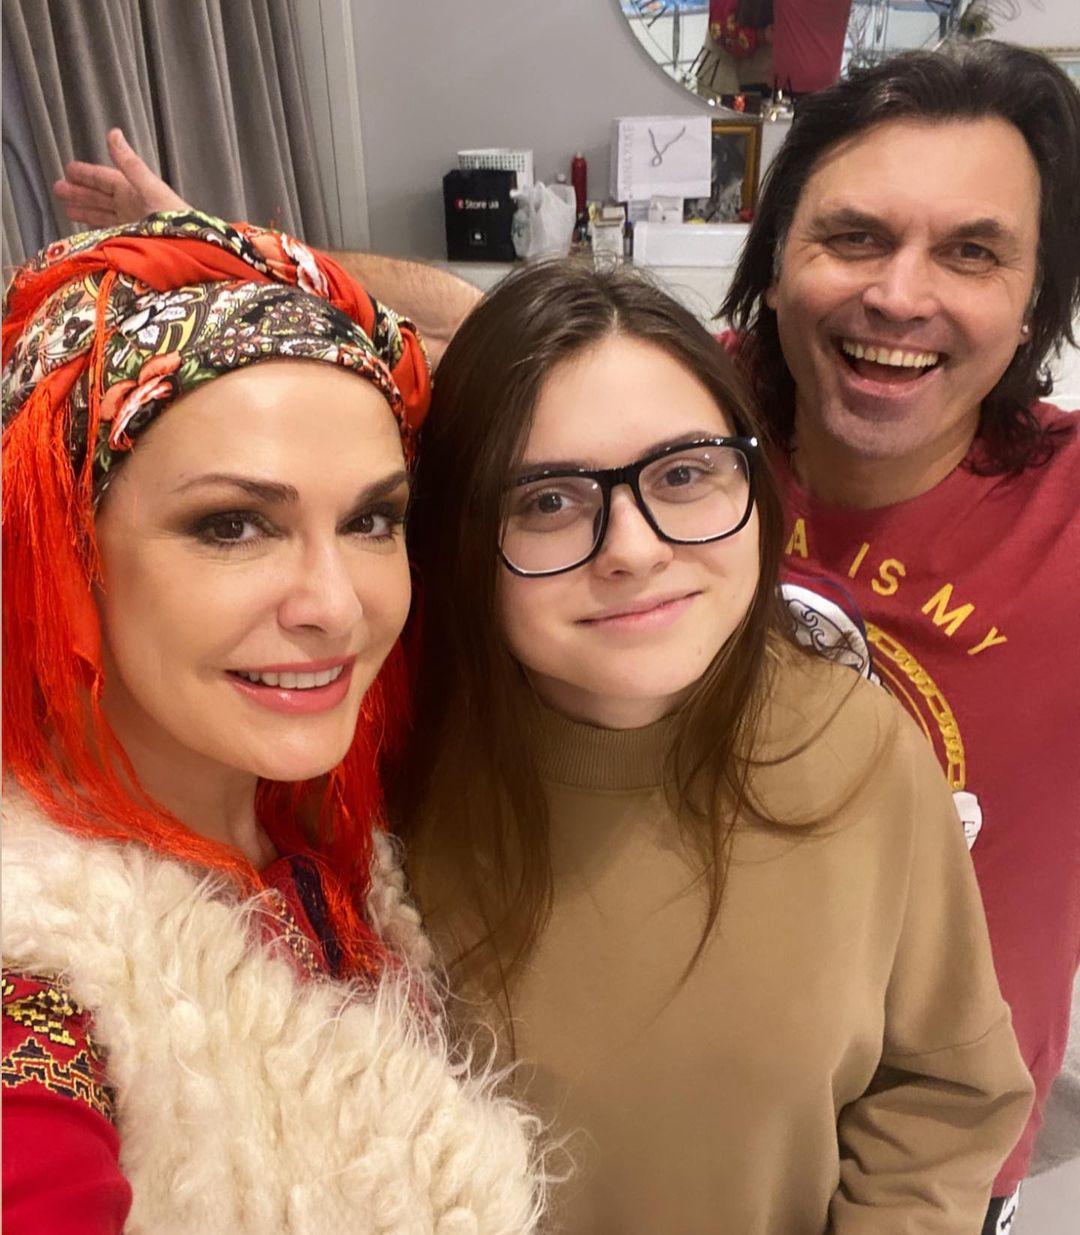 Щедрий вечір: як Катя Осадча, Аліна Байкова та інші селебріті відсвяткували Старий Новий рік